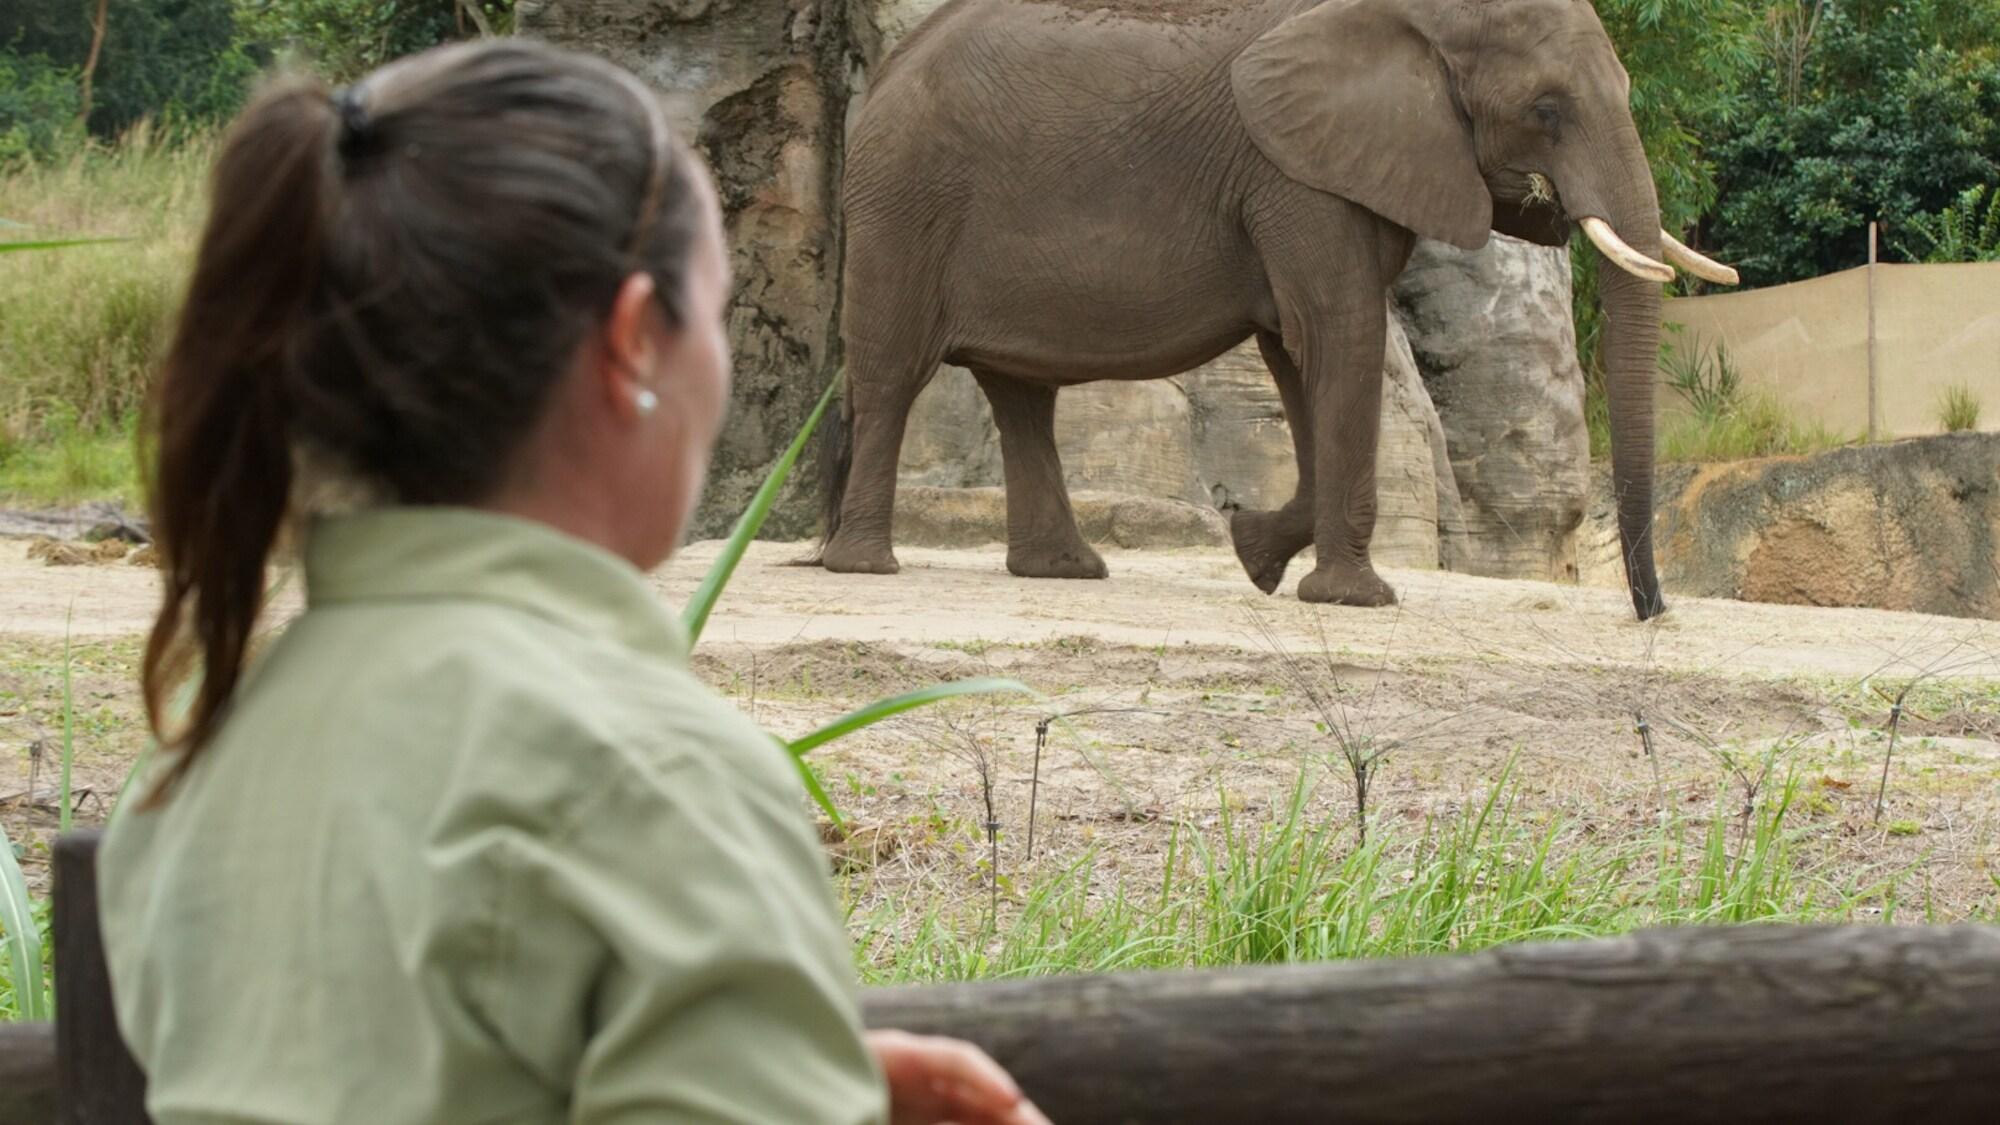 Keeper Elizabeth Dolan observes an African Elephant. (Disney)